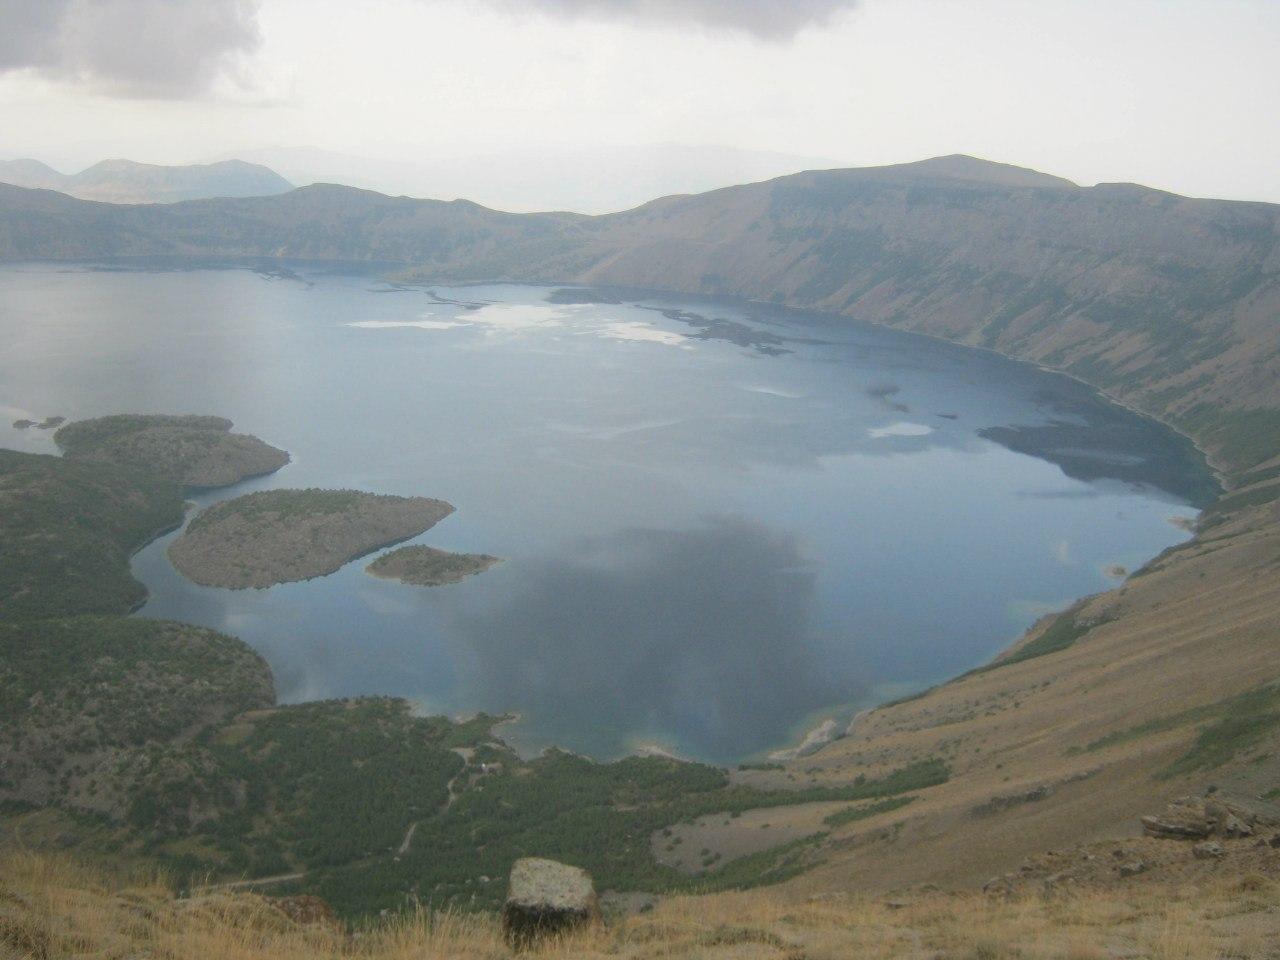 озеро в кратере вулкана Немрут